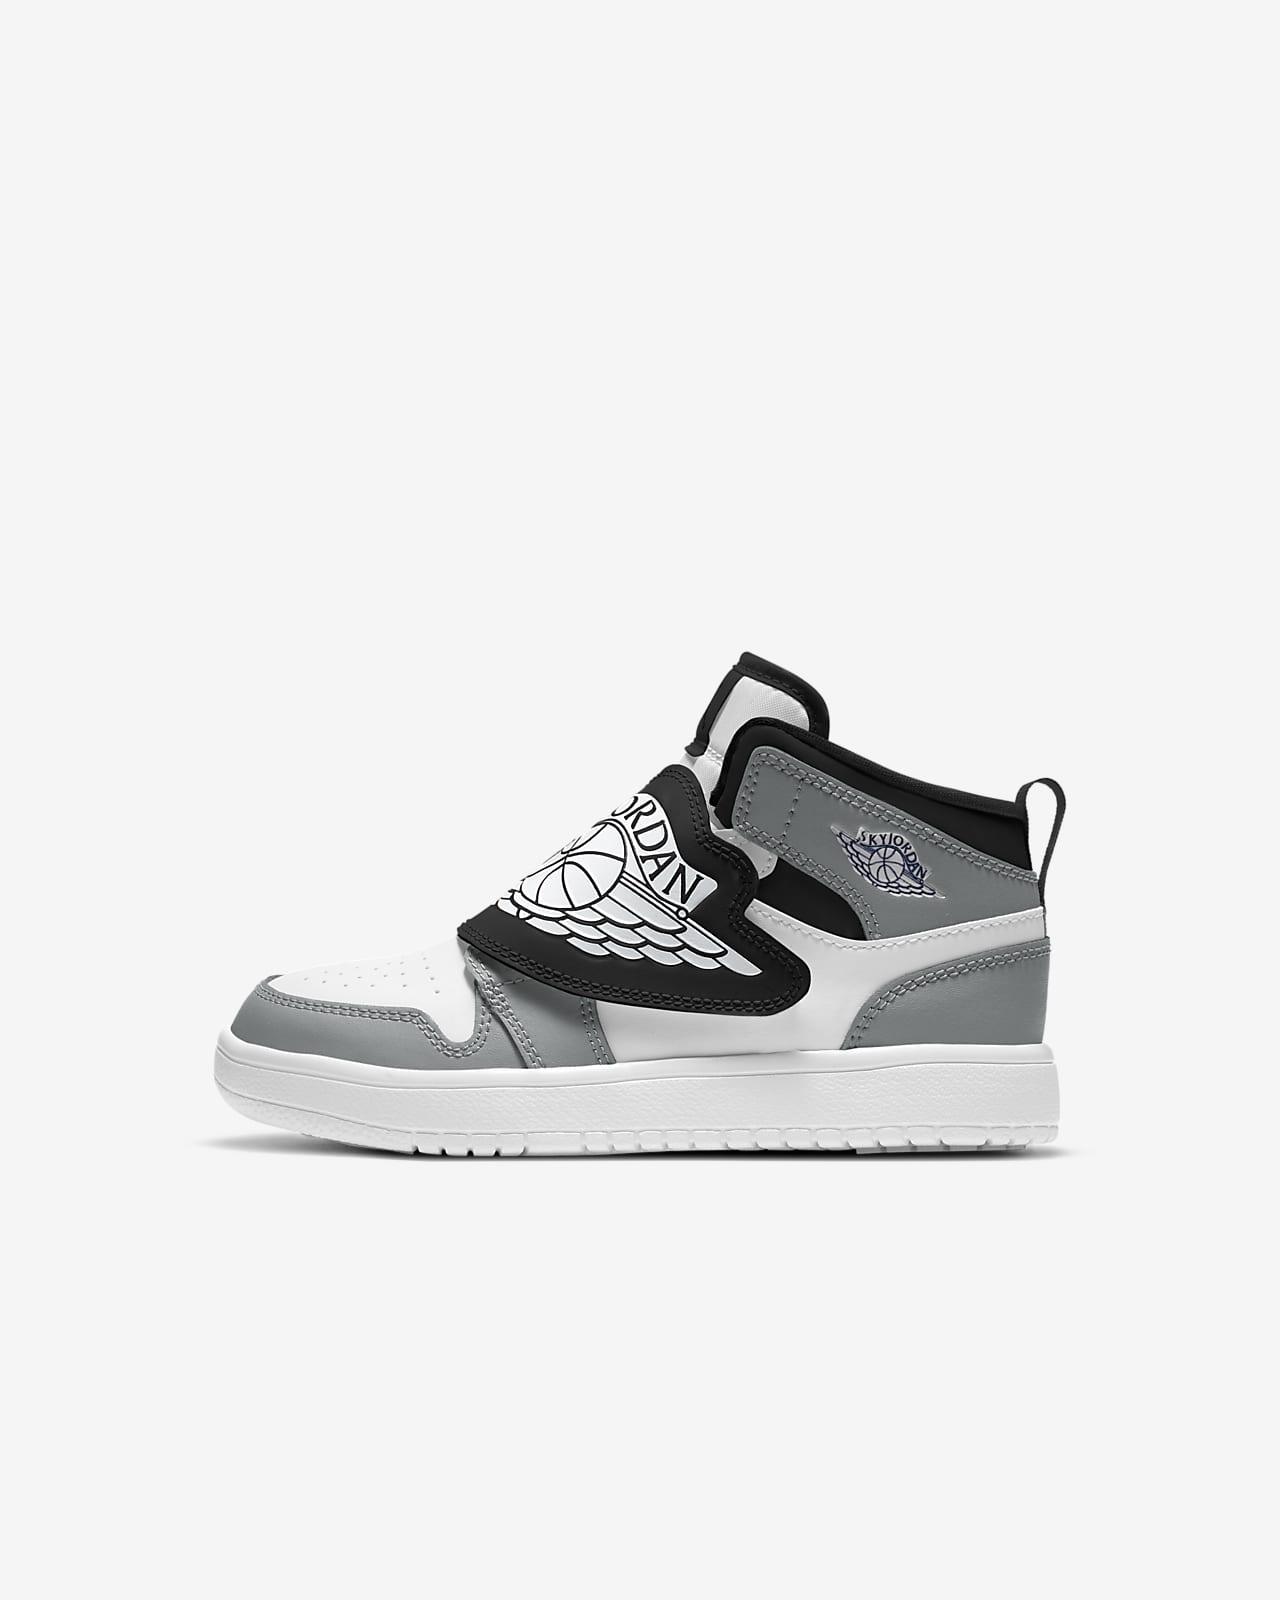 Sky Jordan 1 小童鞋款